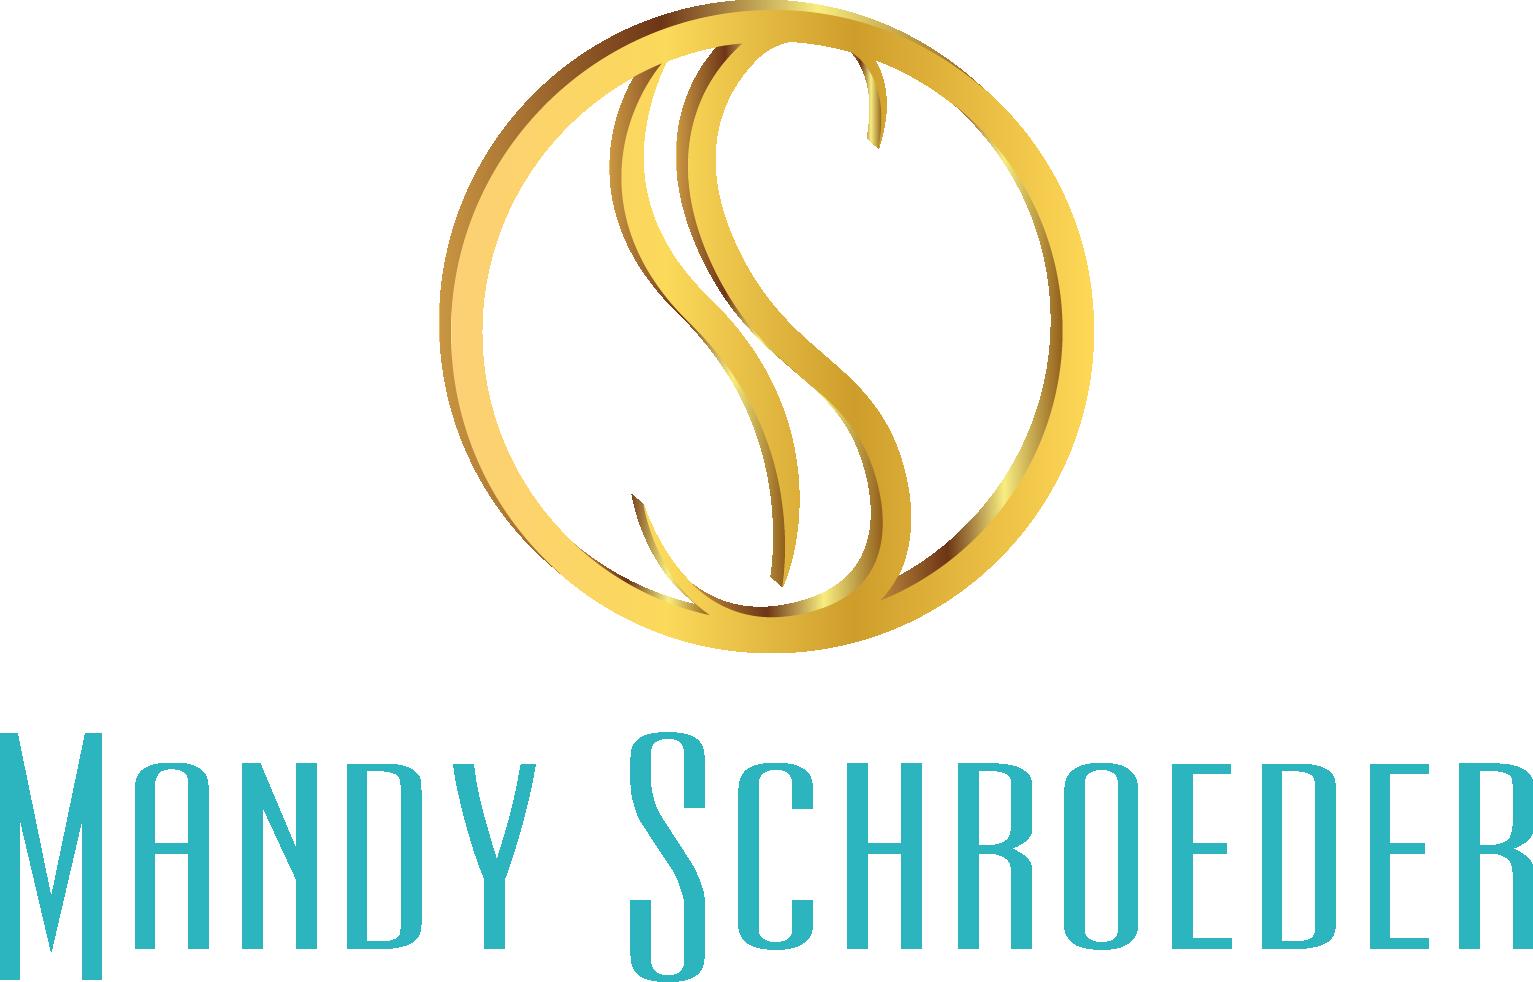 Mandy Schroeder Praxis